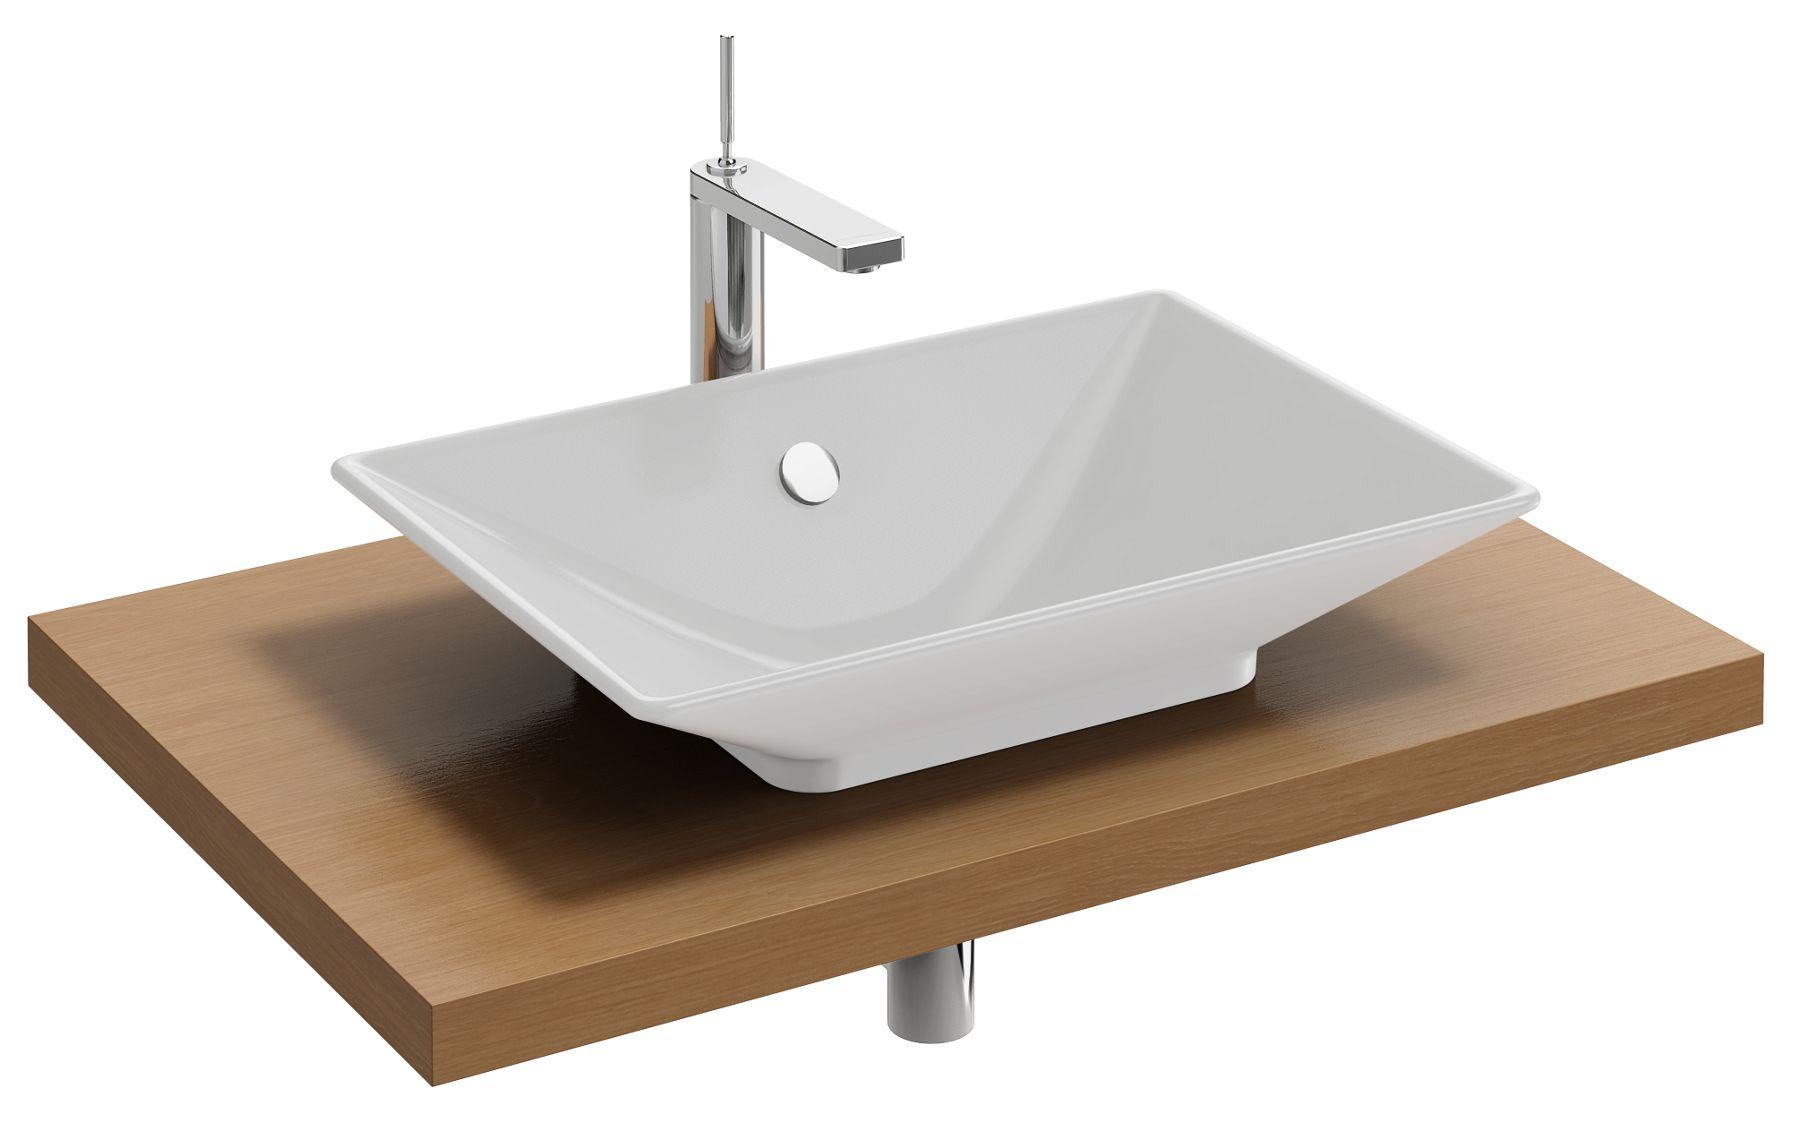 Parallel Plan De Toilette Bois 80 Cm Avec 1 Decoupe Centree Pour Vasque A Poser Jacob Delafon France